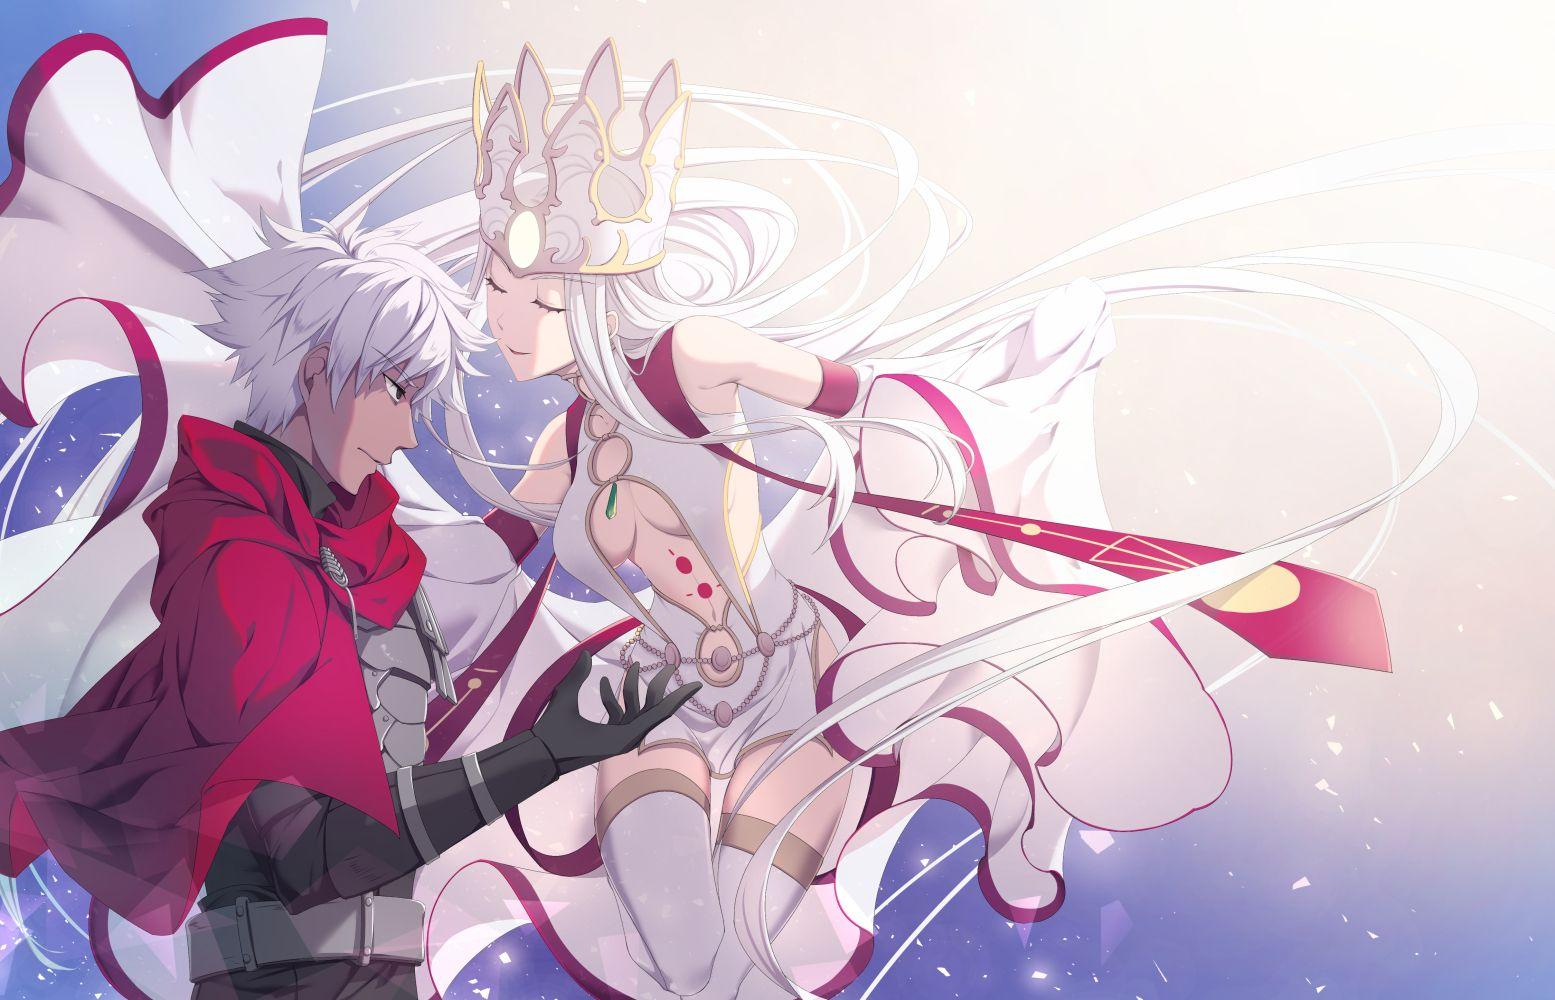 抑止 力 fate